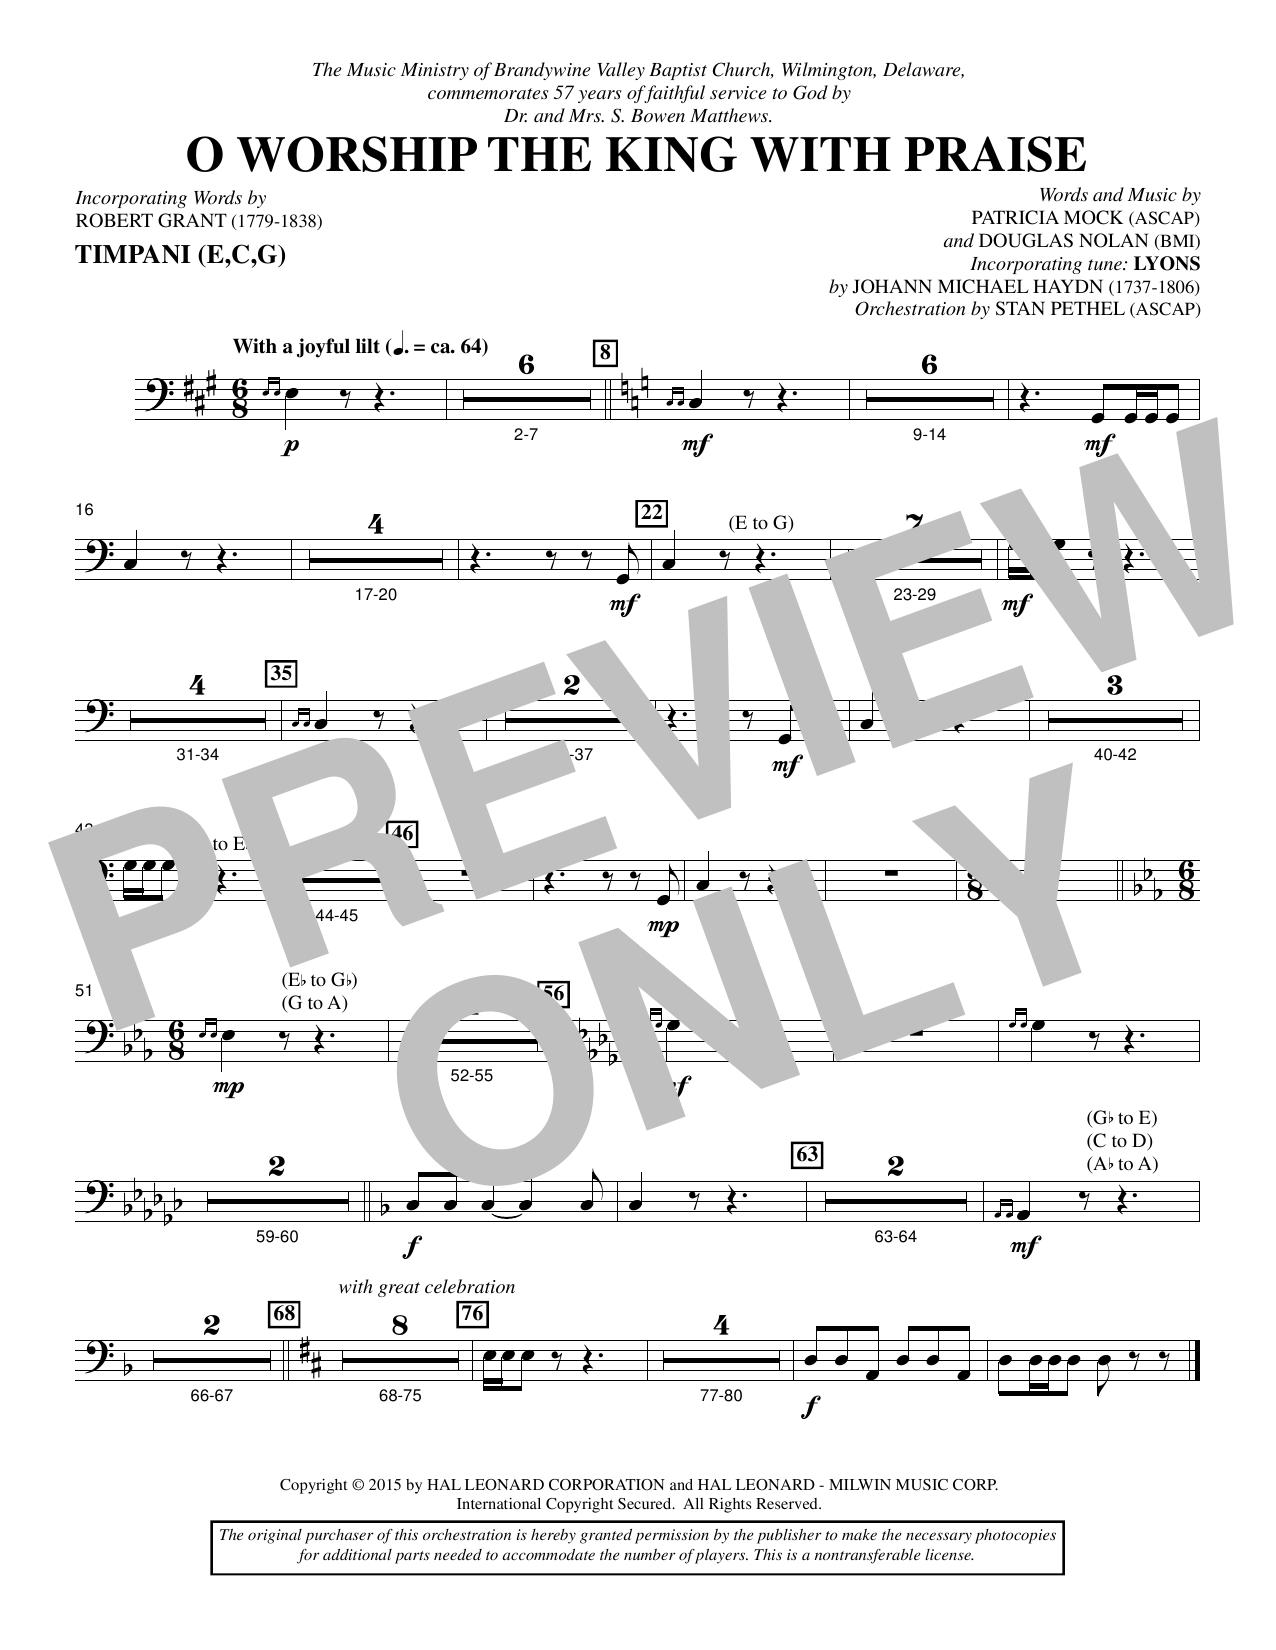 O Worship the King with Praise - Timpani sheet music